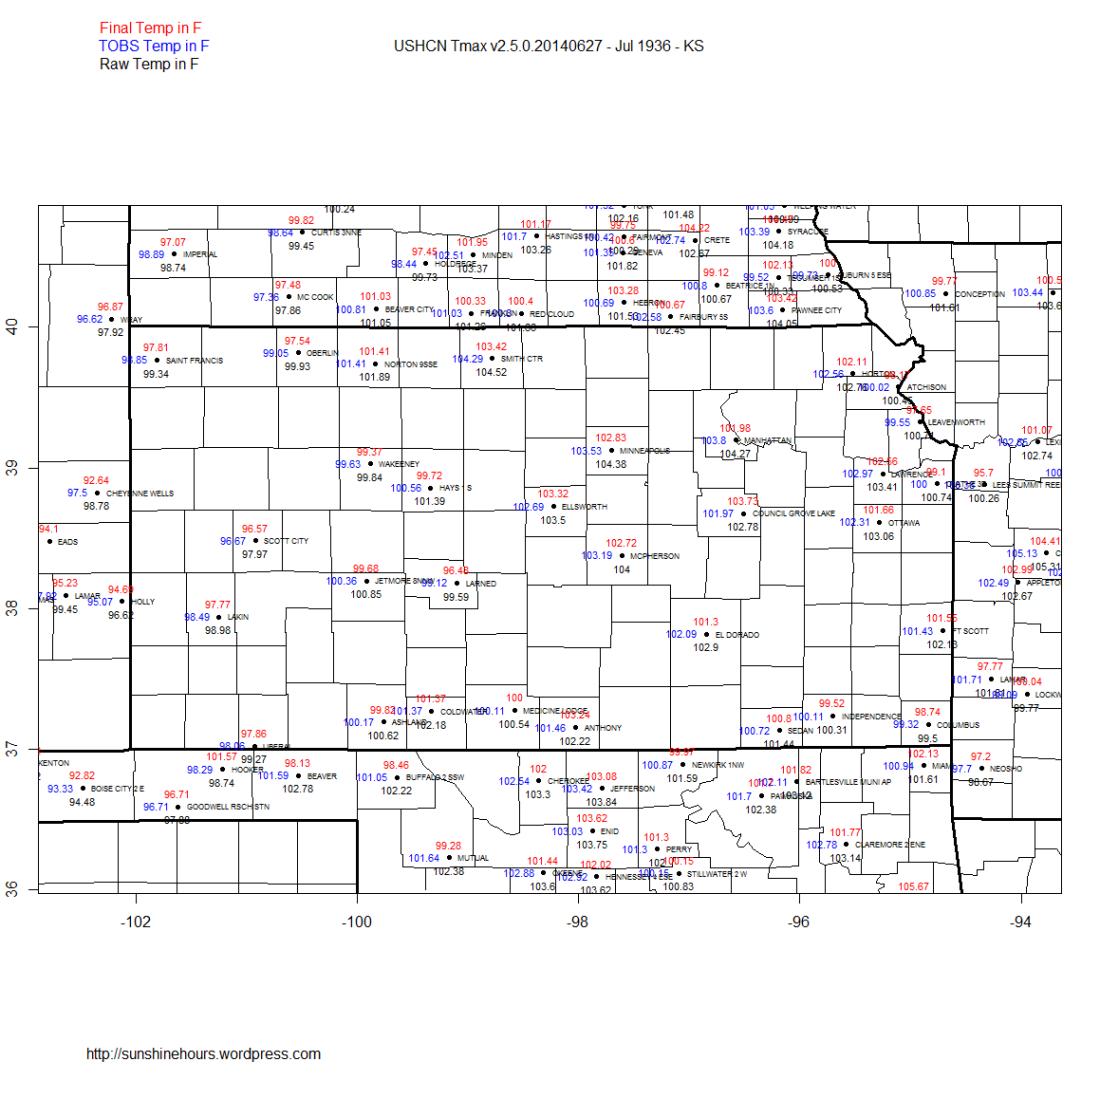 USHCN Tmax v2.5.0.20140627 - Jul 1936 - KS